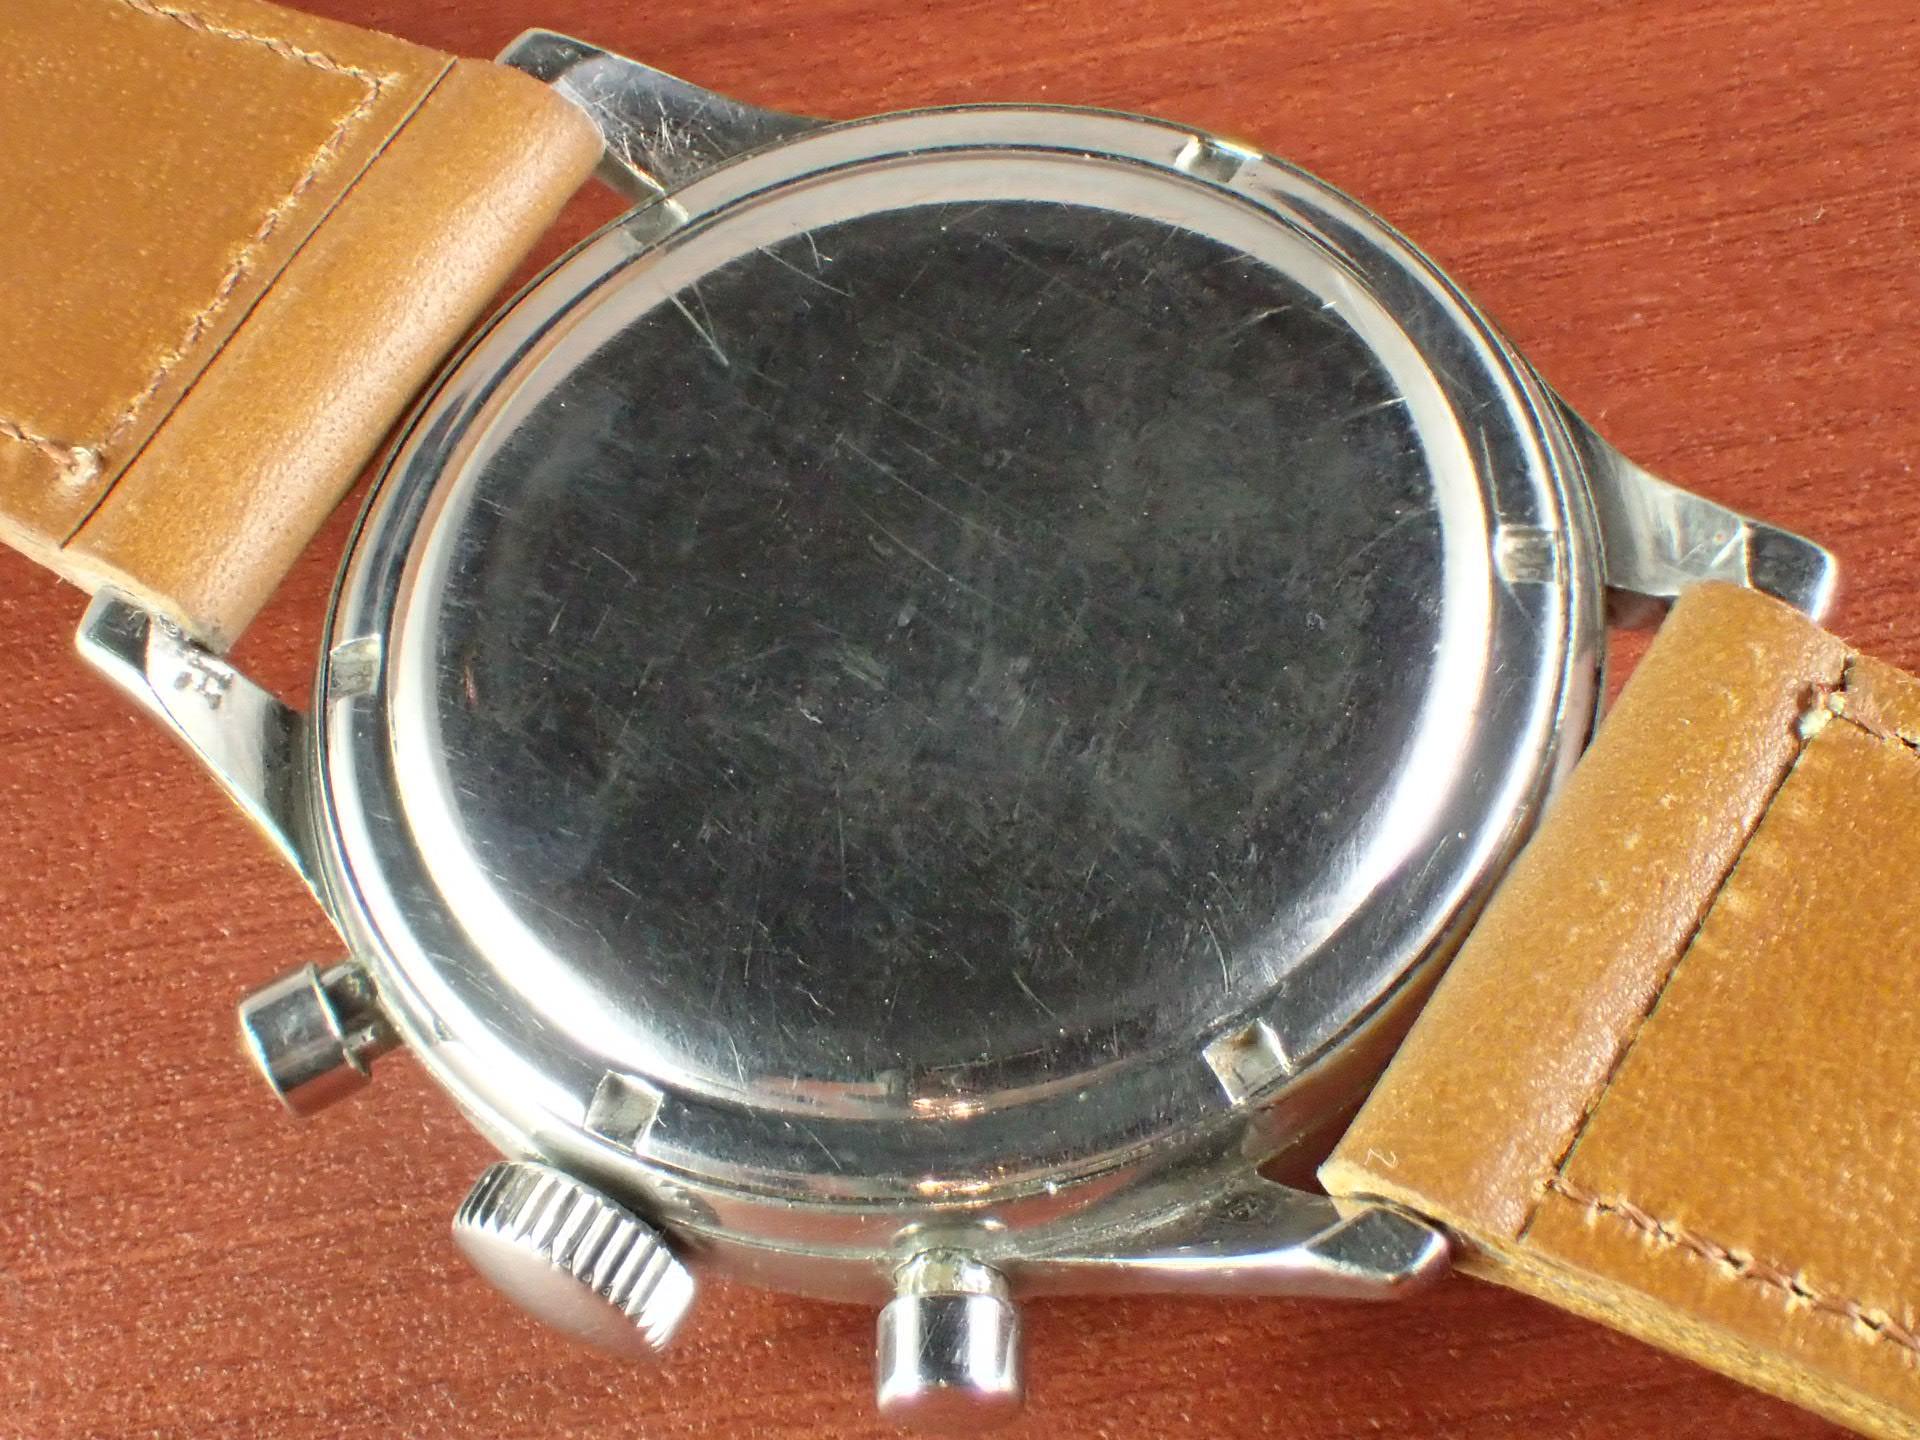 ギャレット クロノグラフ エクセルシオパーク40-68 ホワイトダイアル 1960年代の写真4枚目